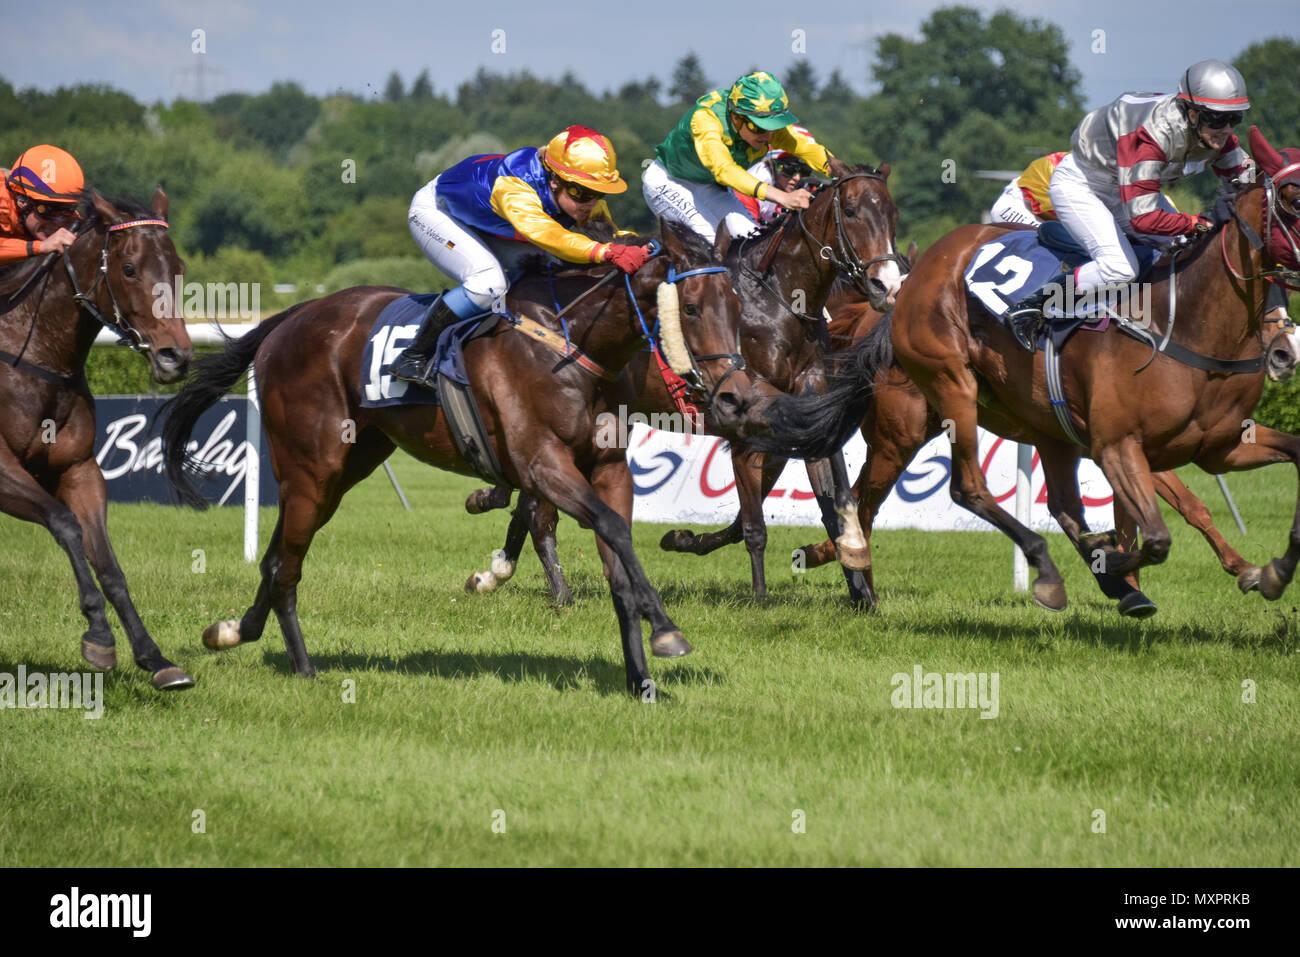 Pferderennen in Baden-Baden, 2. Juni 2018, die Feder bei Baden Racing, Pferde laufen und kämpfen auf dem Kurs, den Lauf zur Sport Welt Amateur-Trophy Stockbild